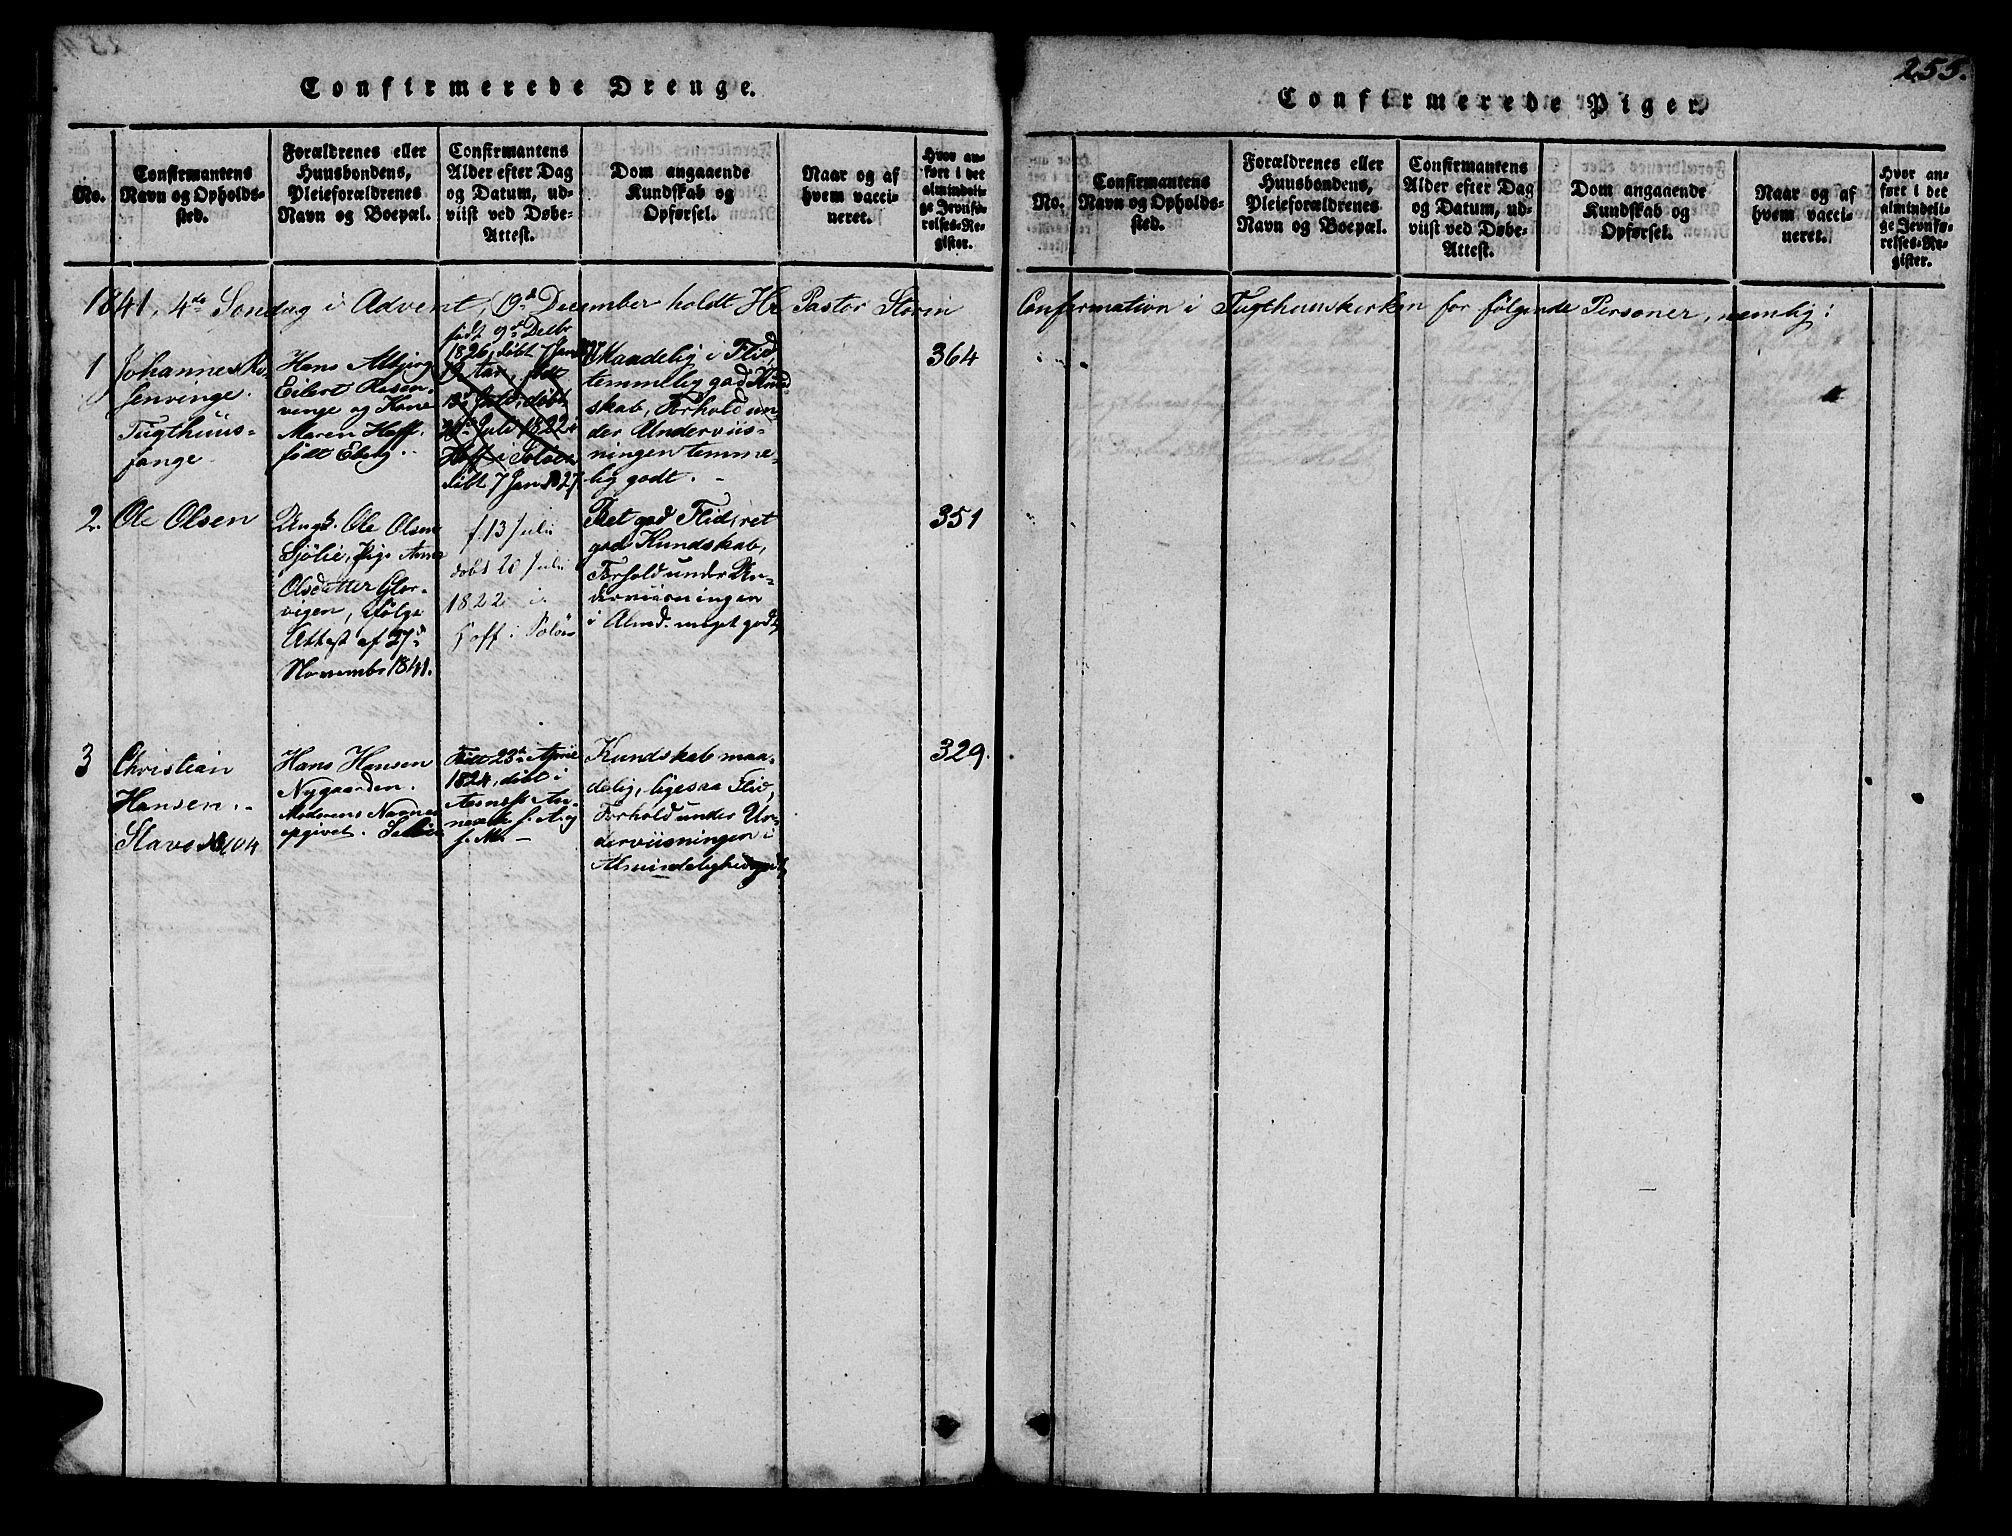 SAT, Ministerialprotokoller, klokkerbøker og fødselsregistre - Sør-Trøndelag, 623/L0478: Klokkerbok nr. 623C01, 1815-1873, s. 255